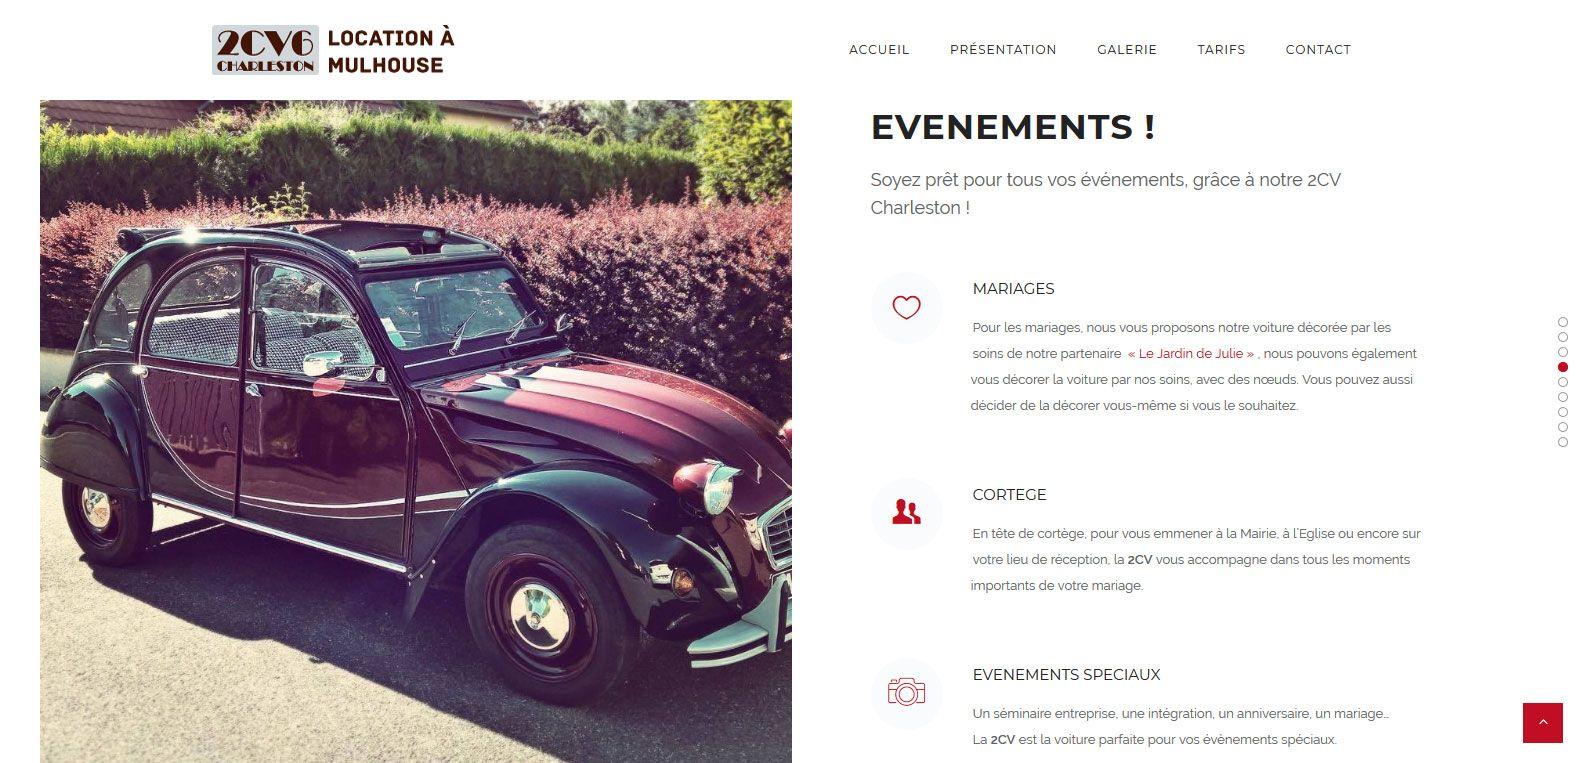 Louer une 2cv à mulhouse pour tous vos évènements ! Un client Karedess, une agence web situé à Mulhouse